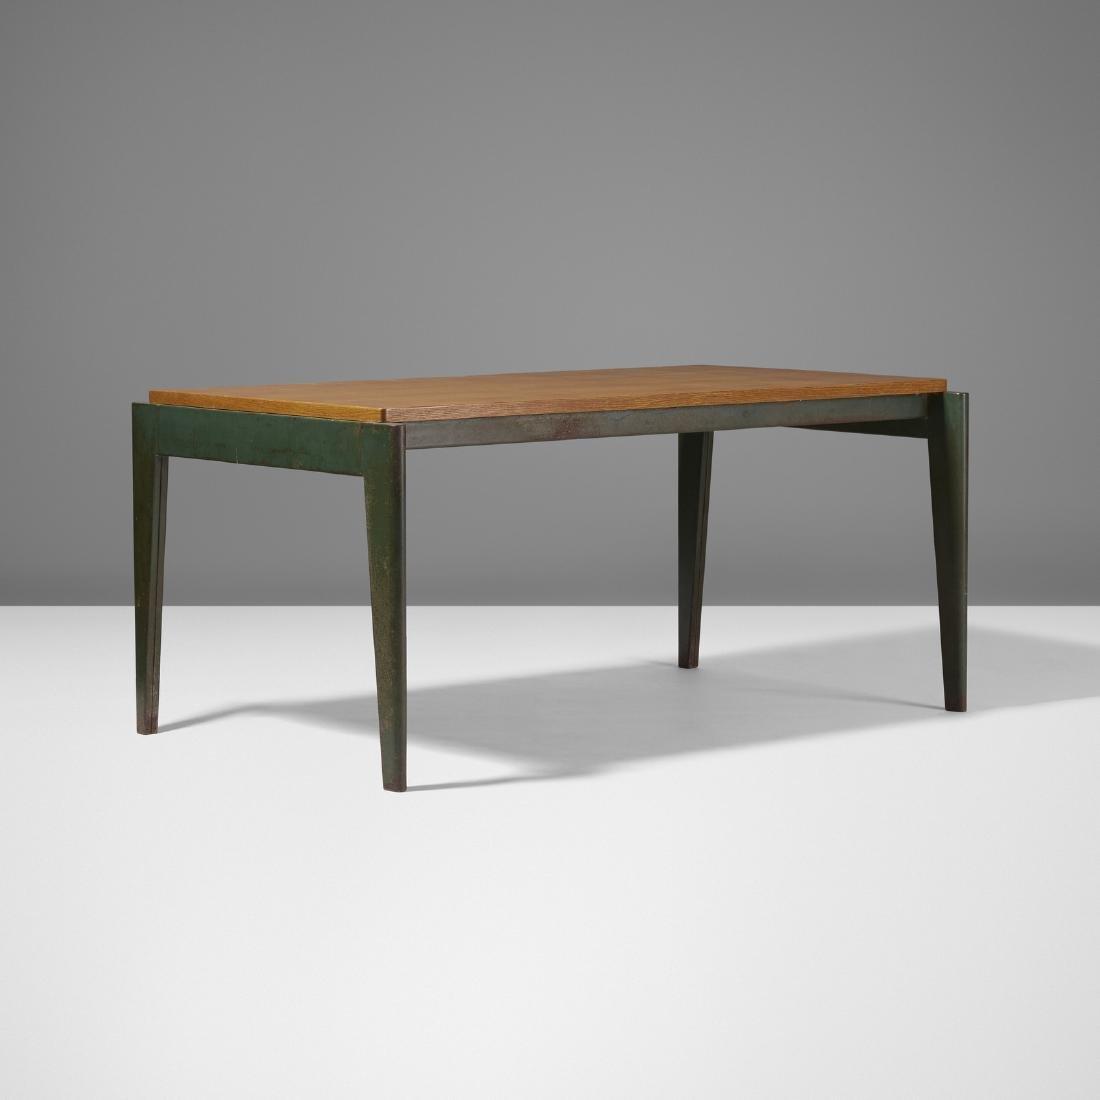 Jean  Prouve, rare table